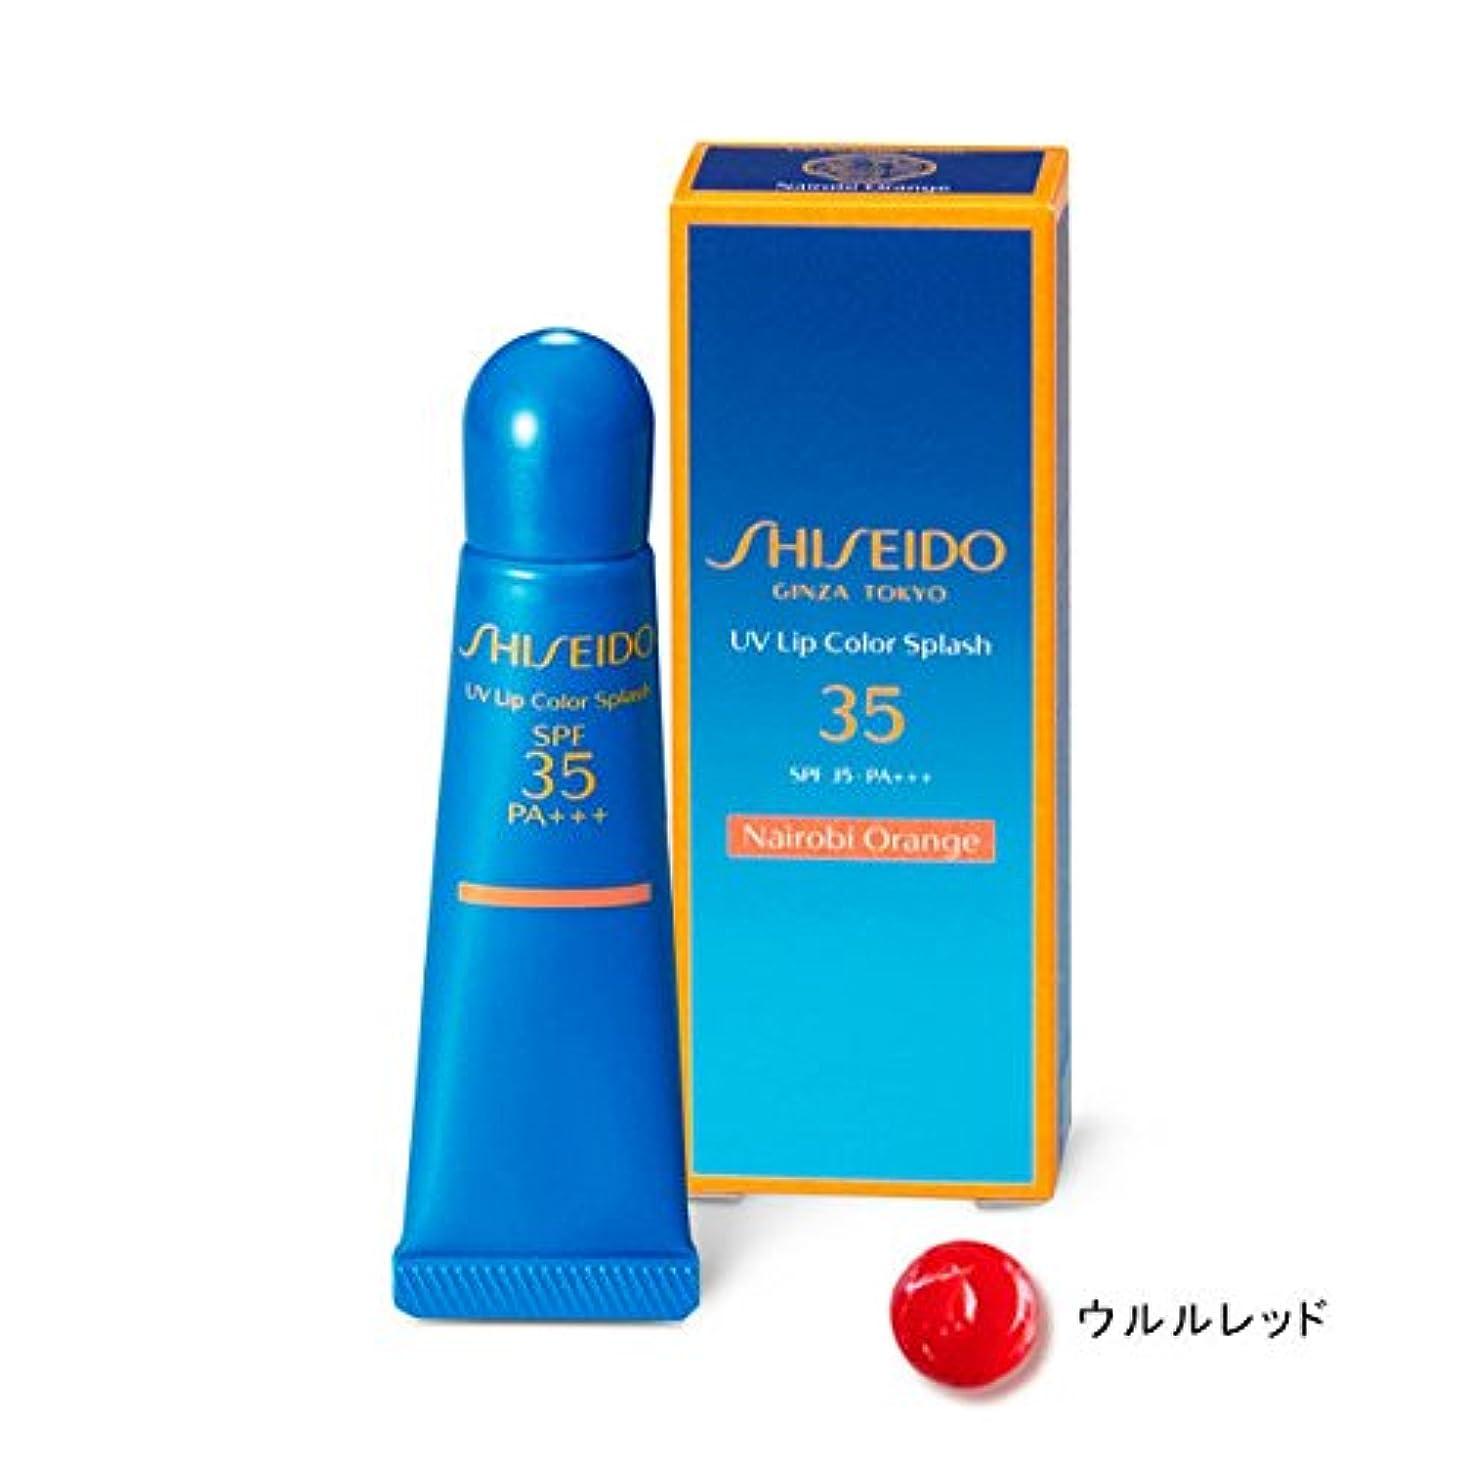 アナログ接続詞シーボードSHISEIDO Suncare(資生堂 サンケア) SHISEIDO(資生堂) UVリップカラースプラッシュ (ウルルレッド)